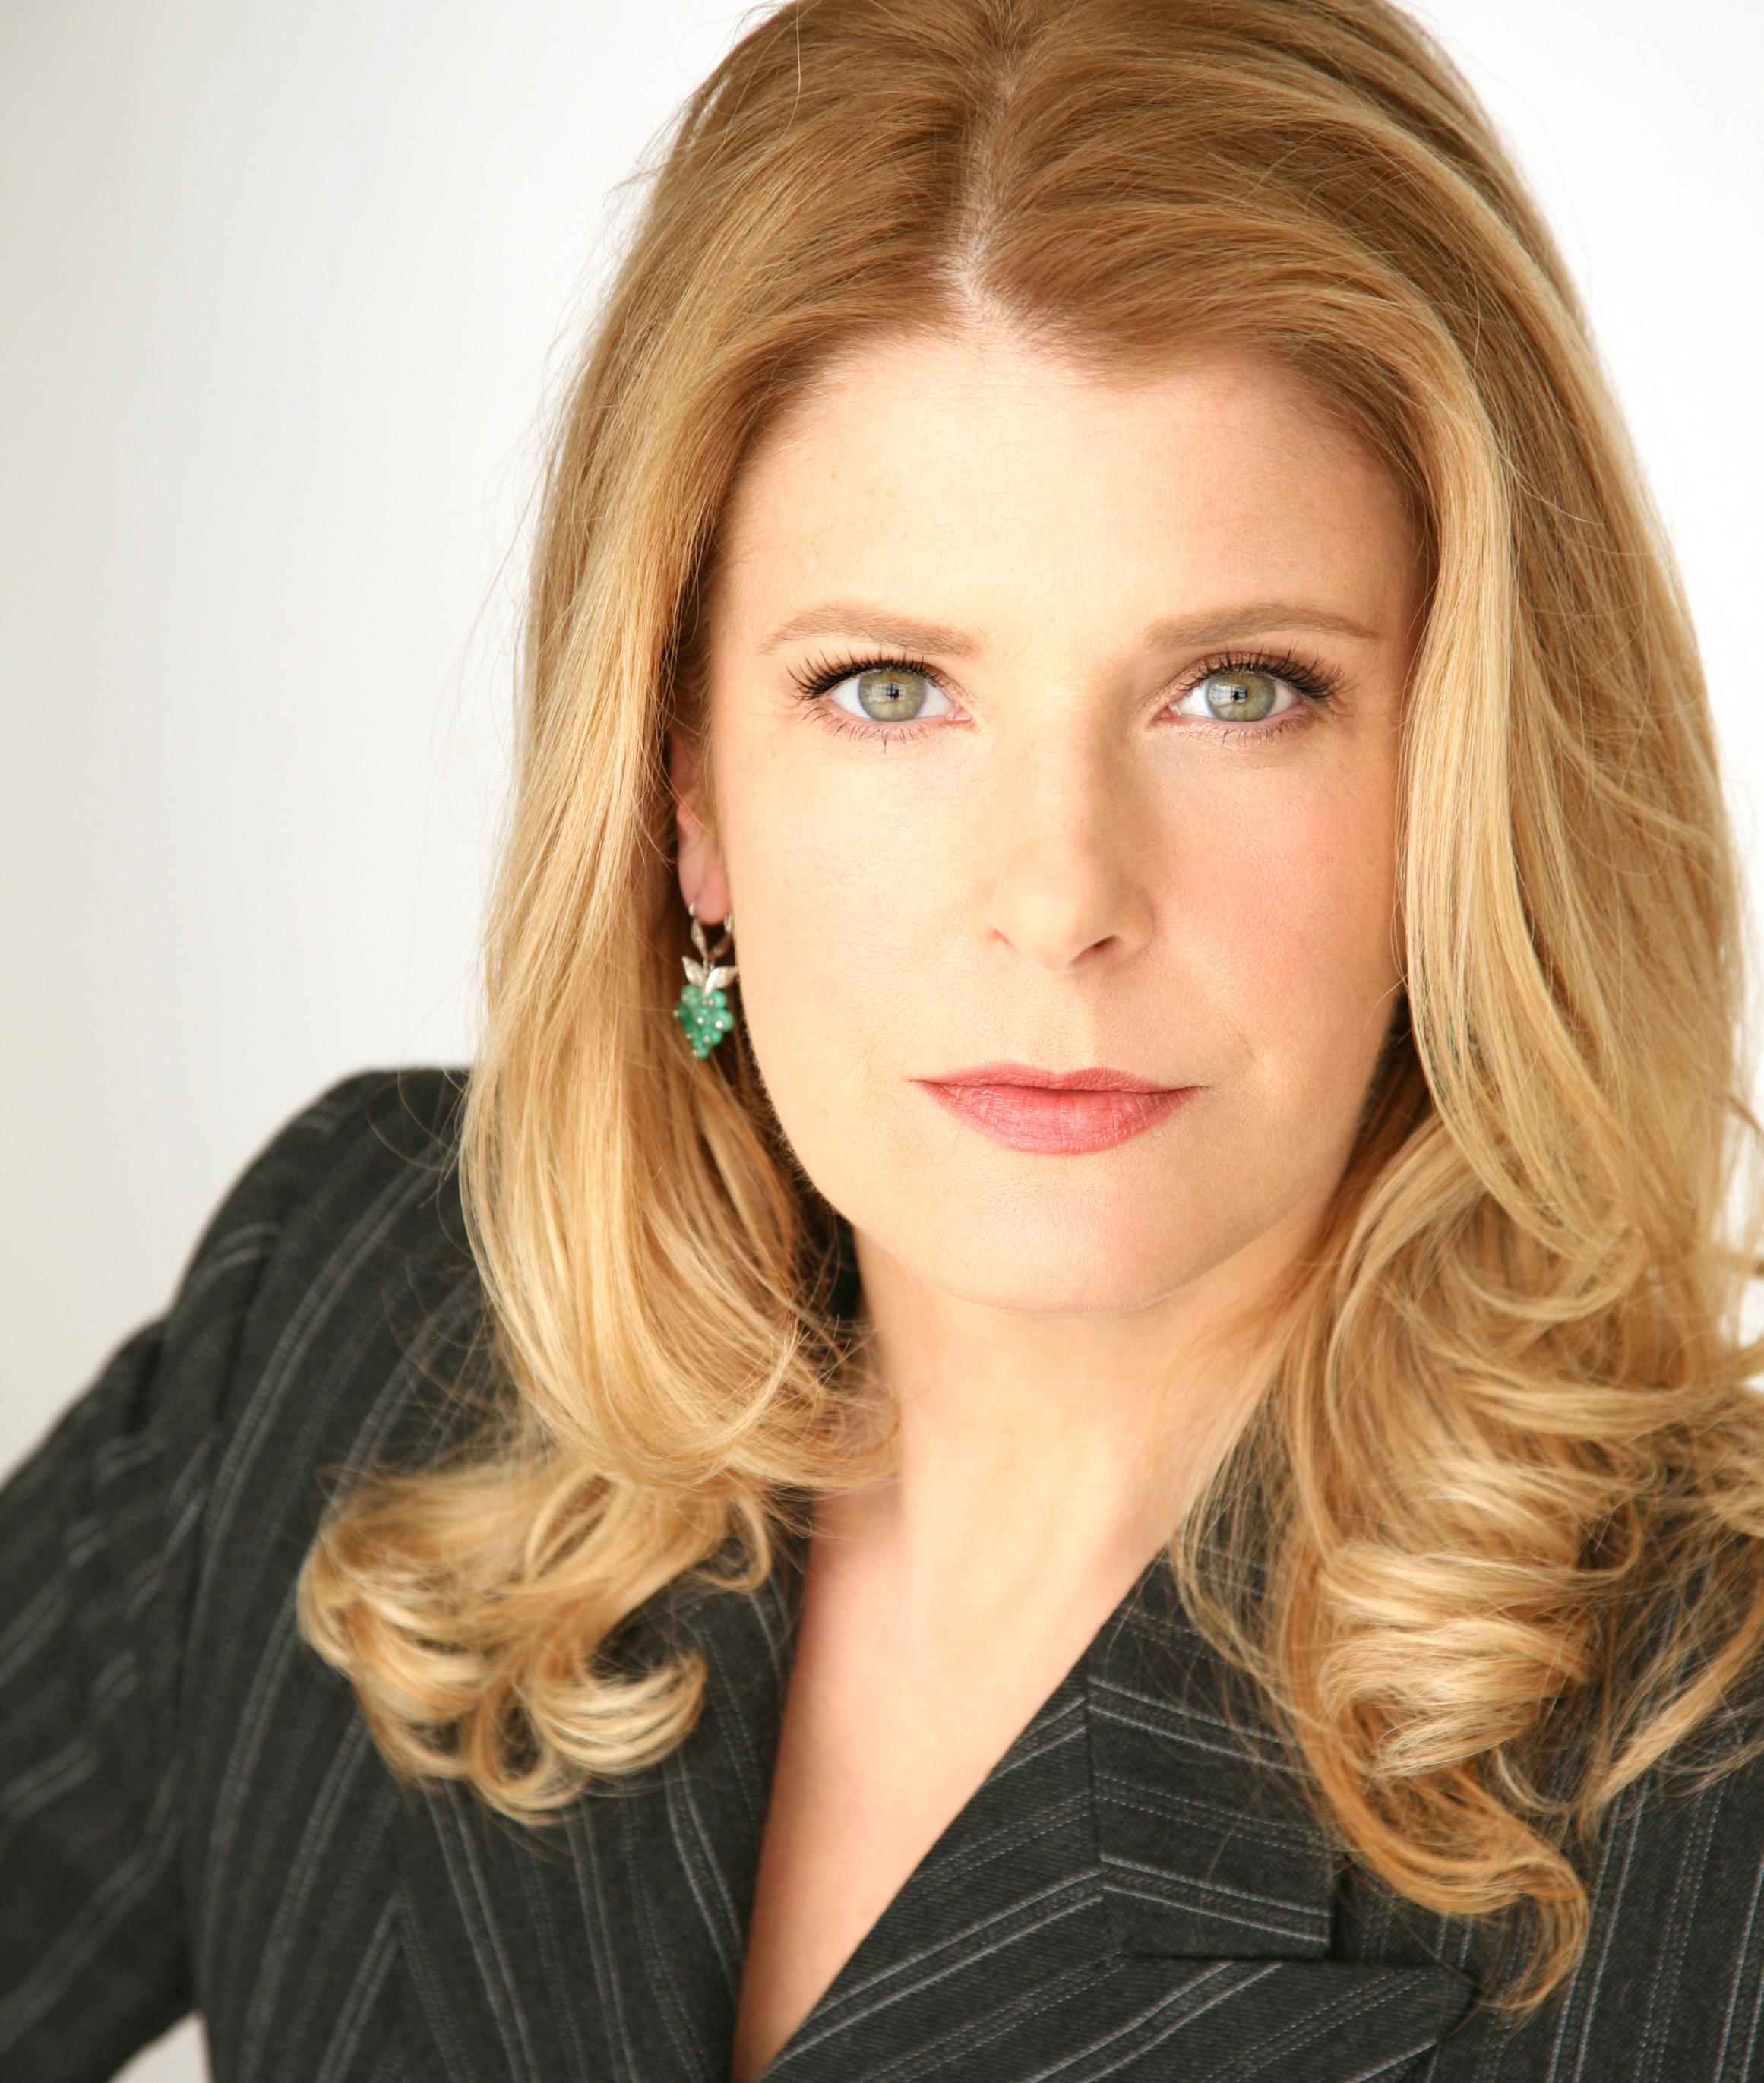 Alison LaPlaca